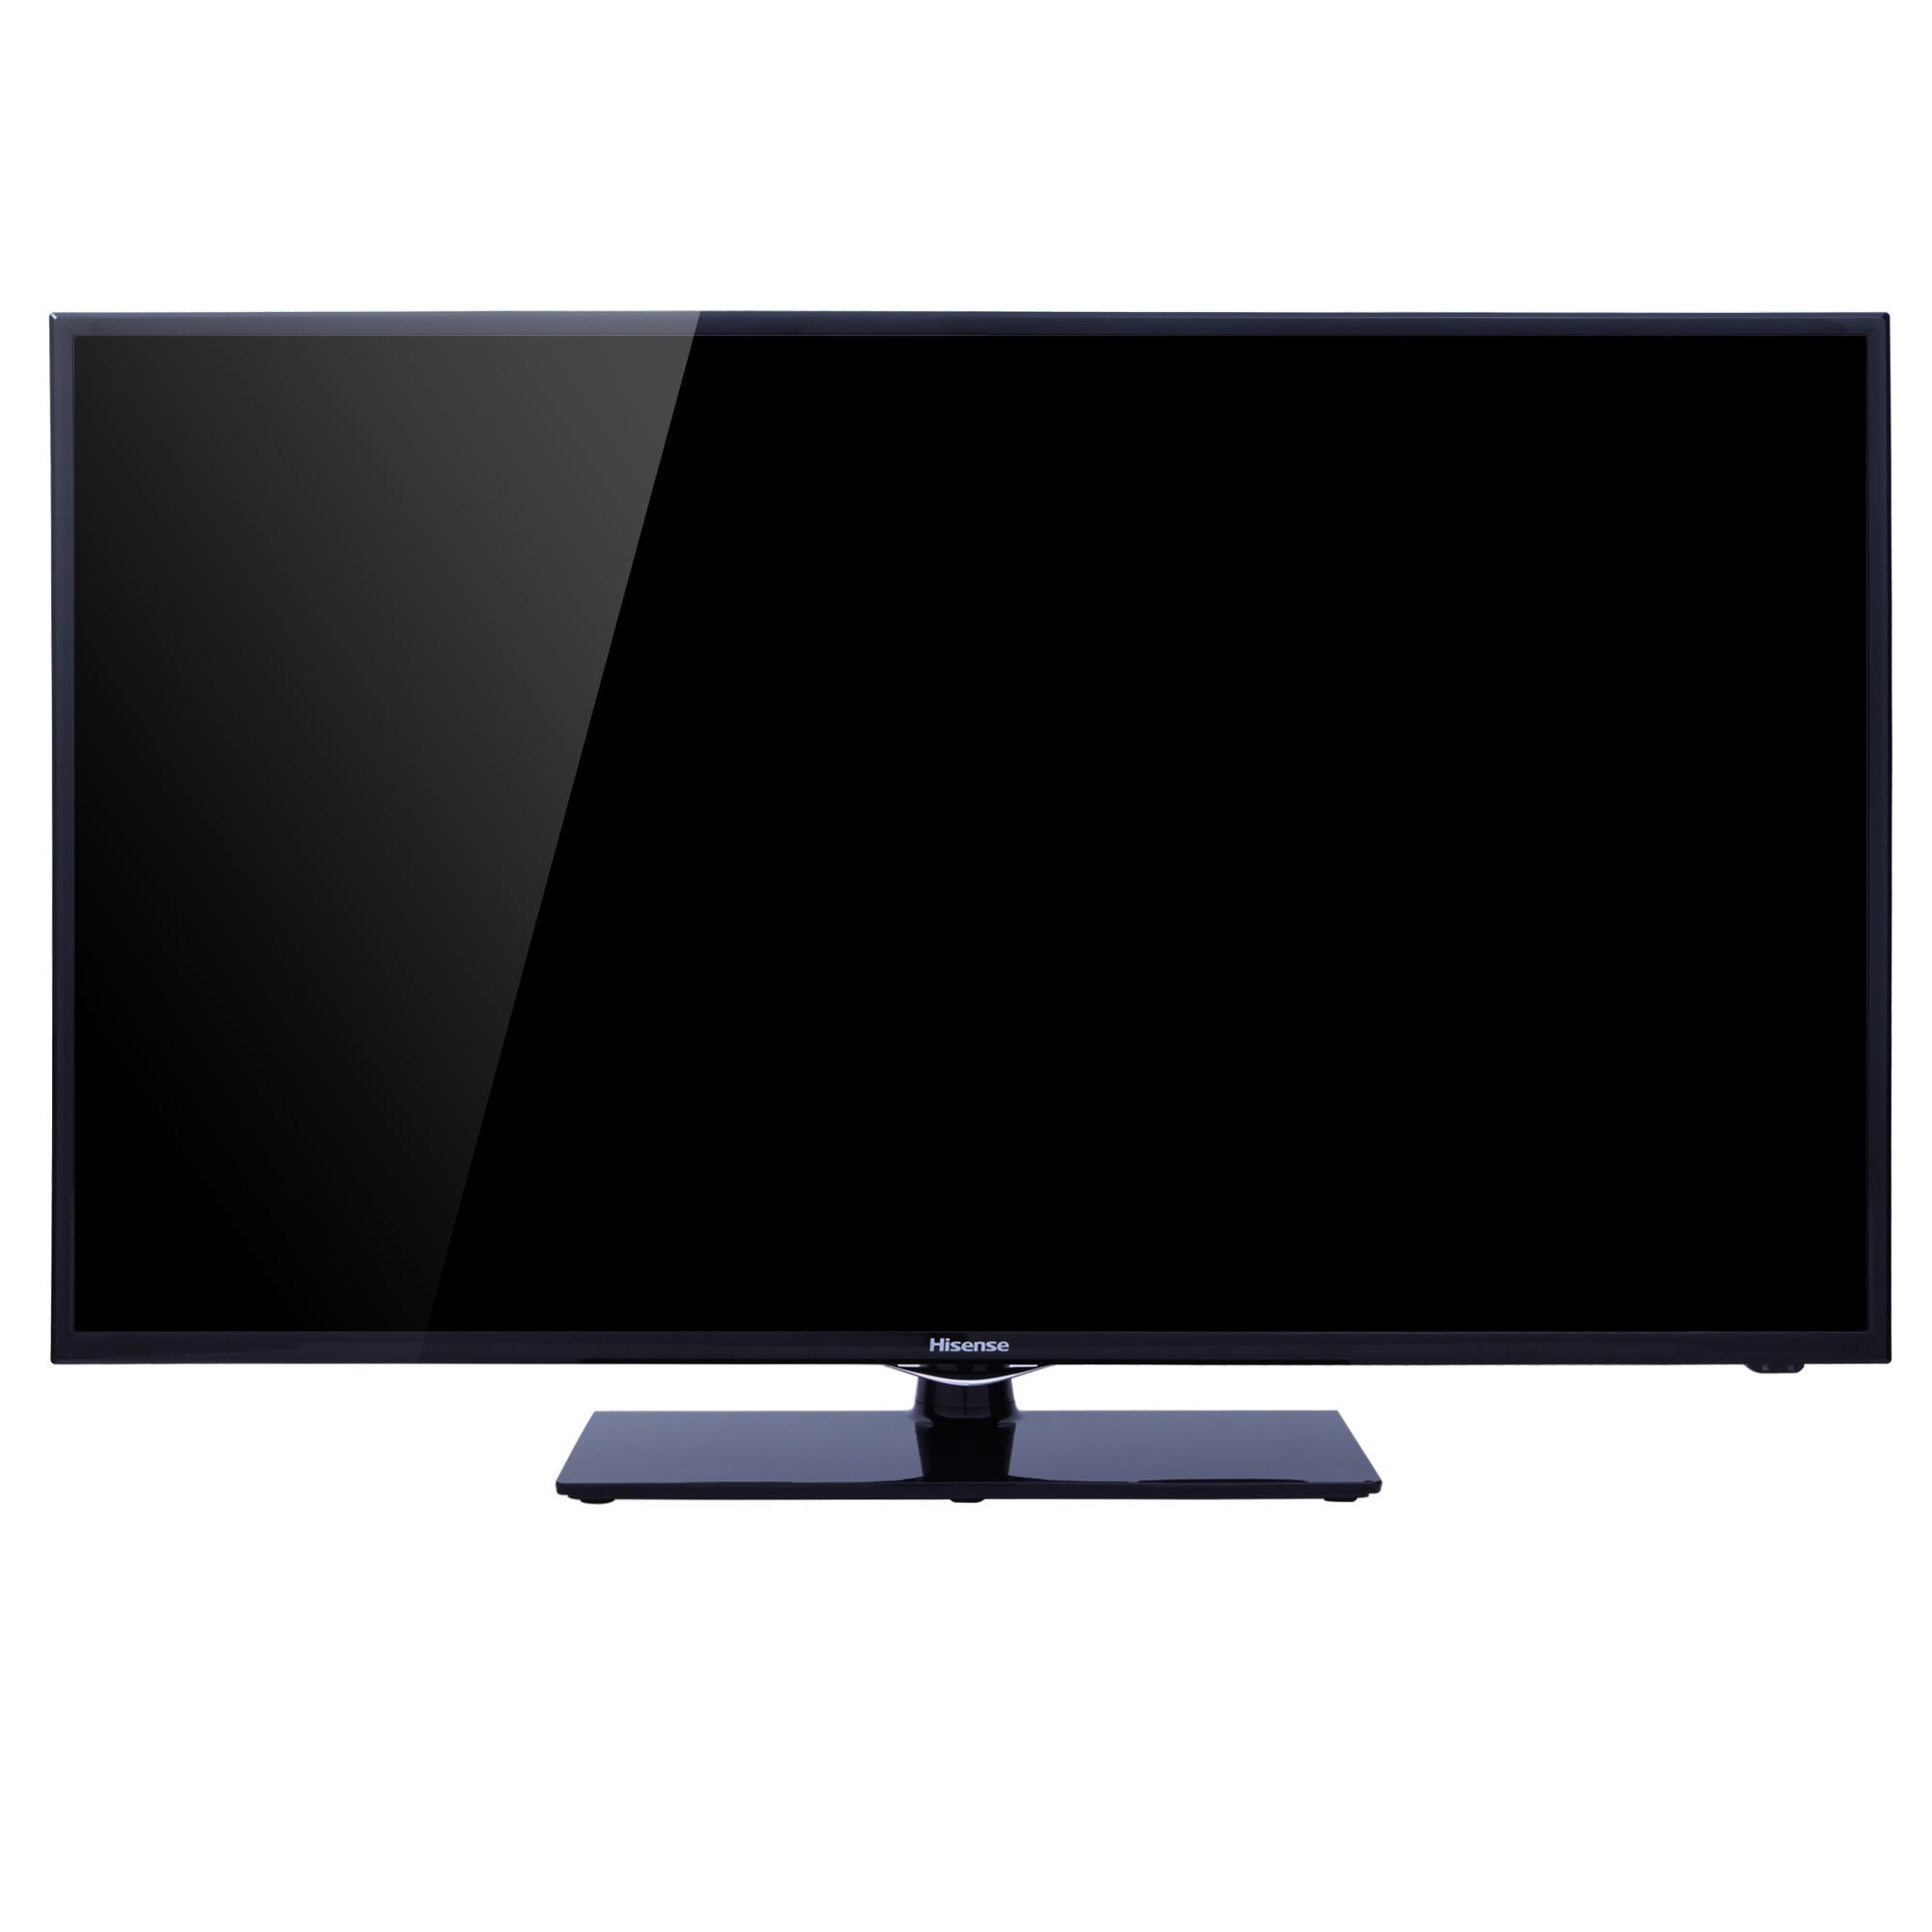 海信55英寸1080pled液晶电视 电视机图片